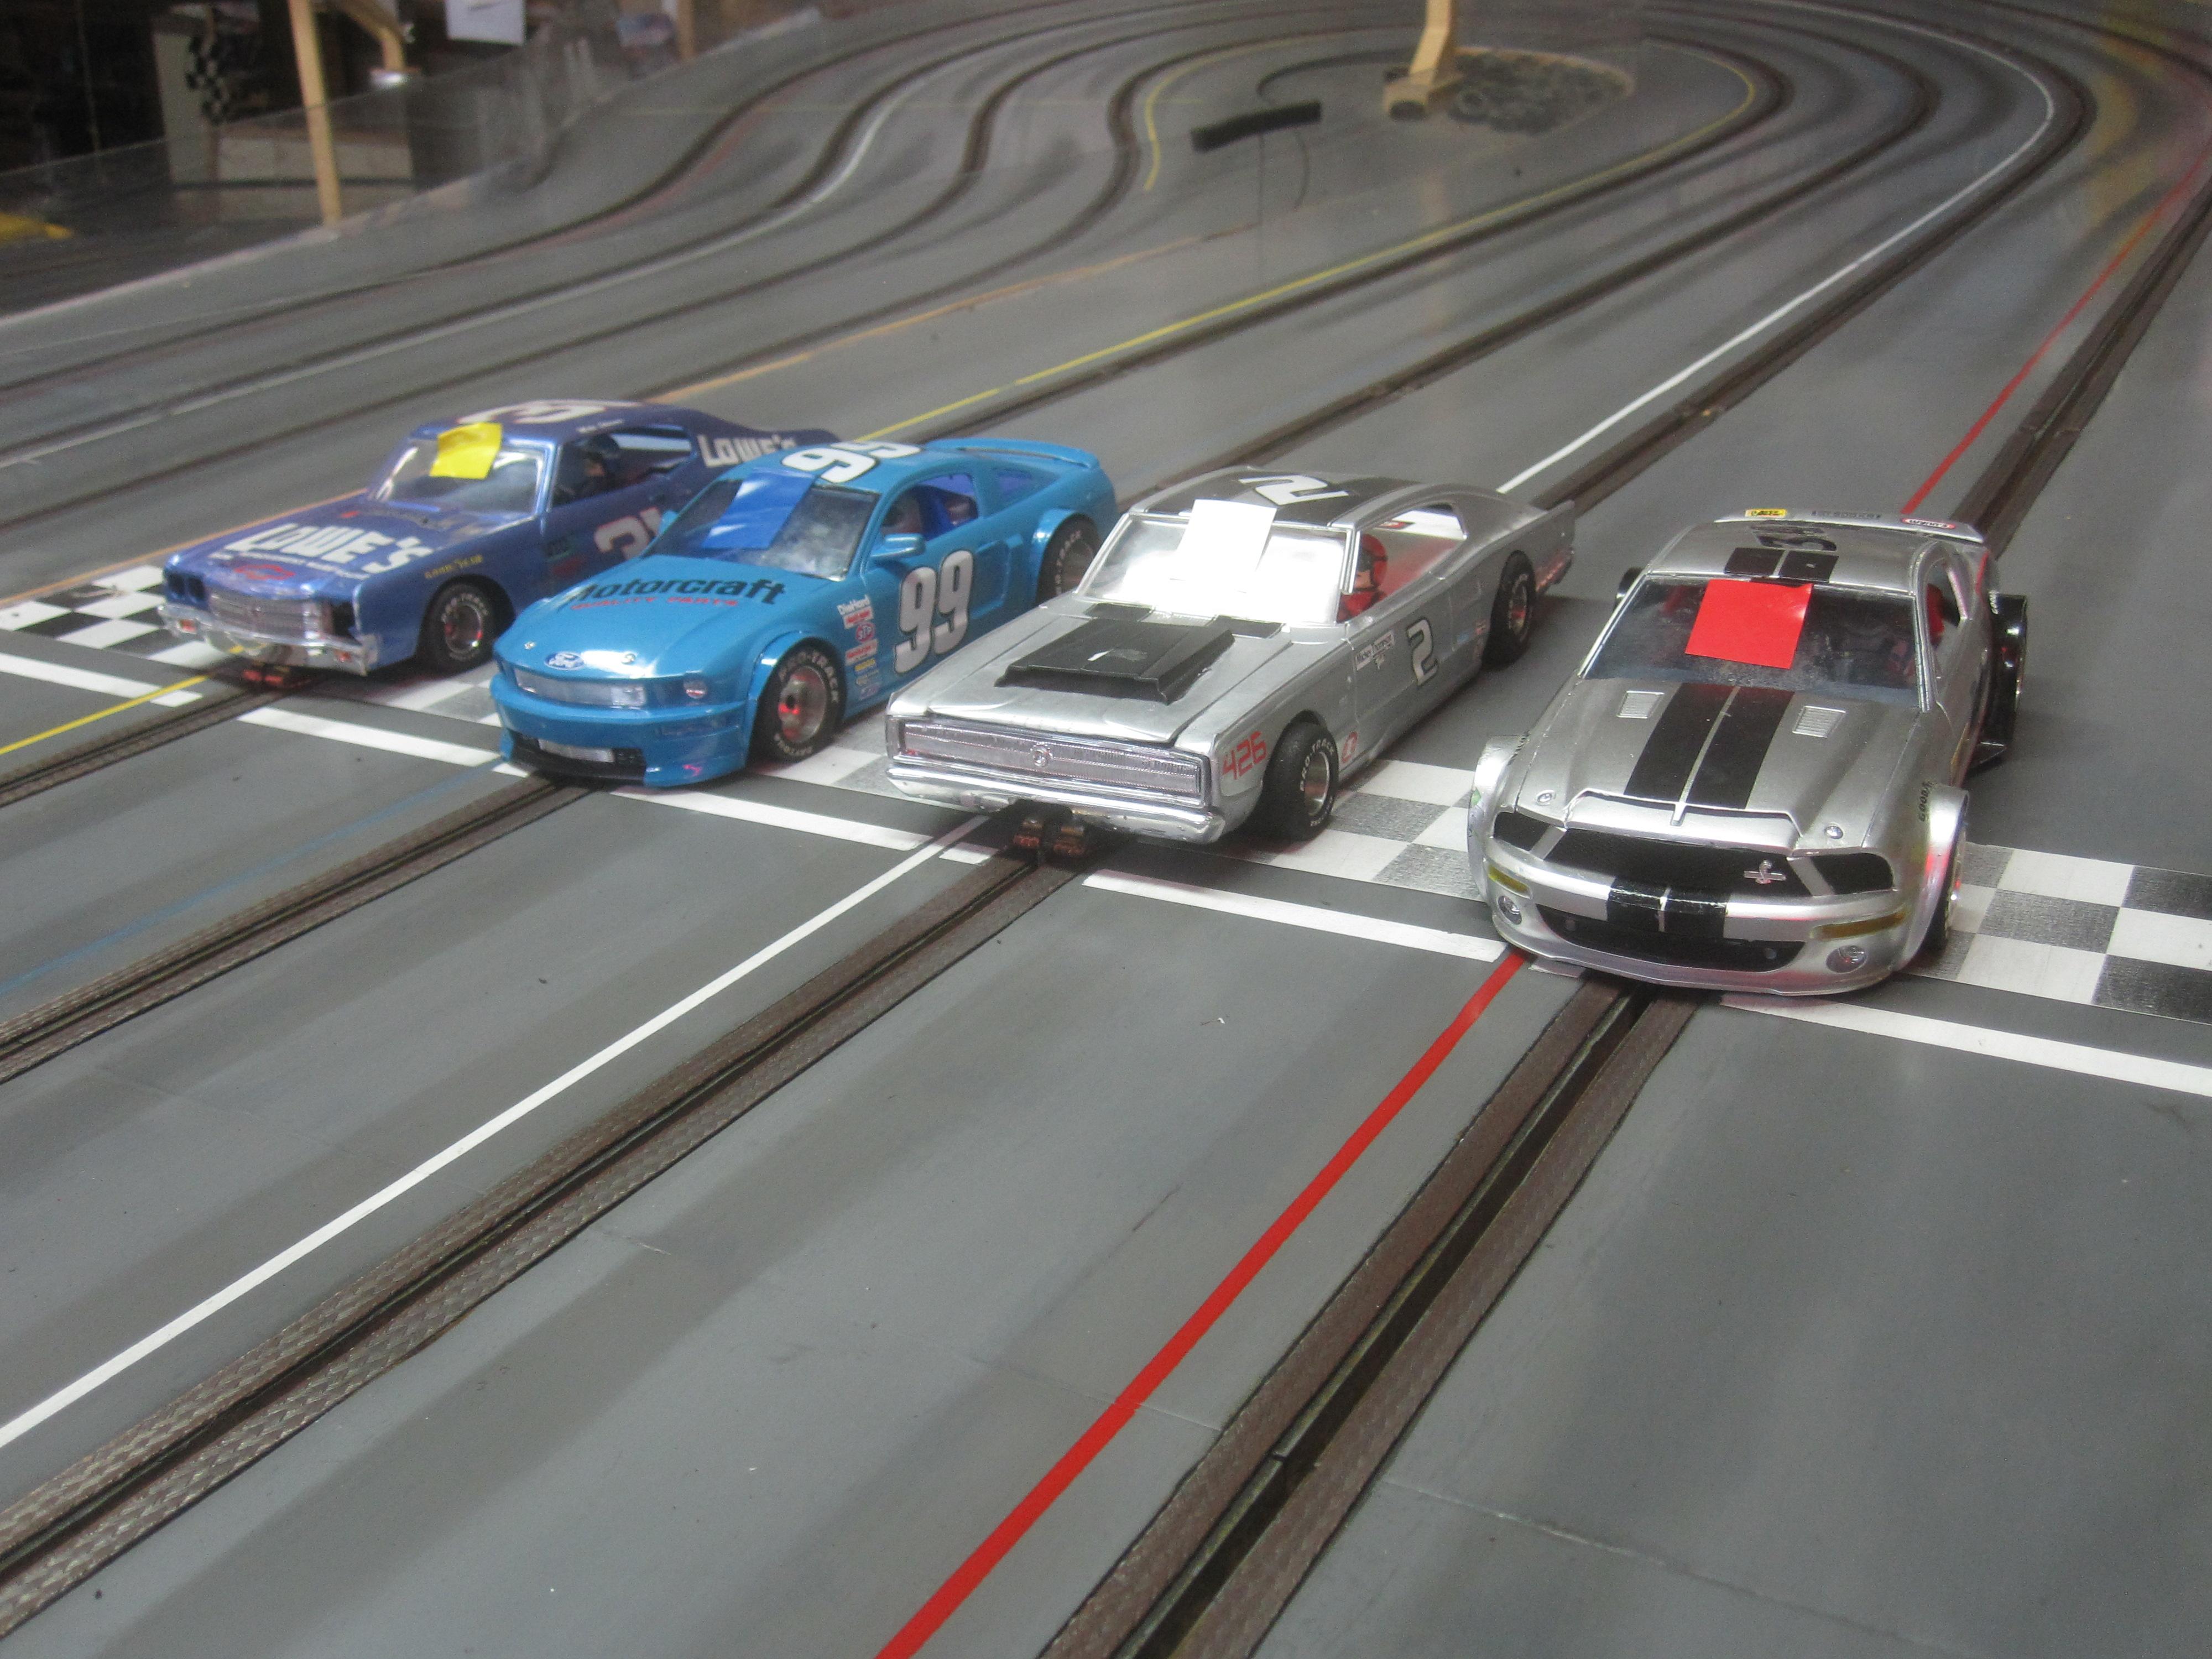 http://www.naste.org/members/bill/RaceResultsTA2v.jpg